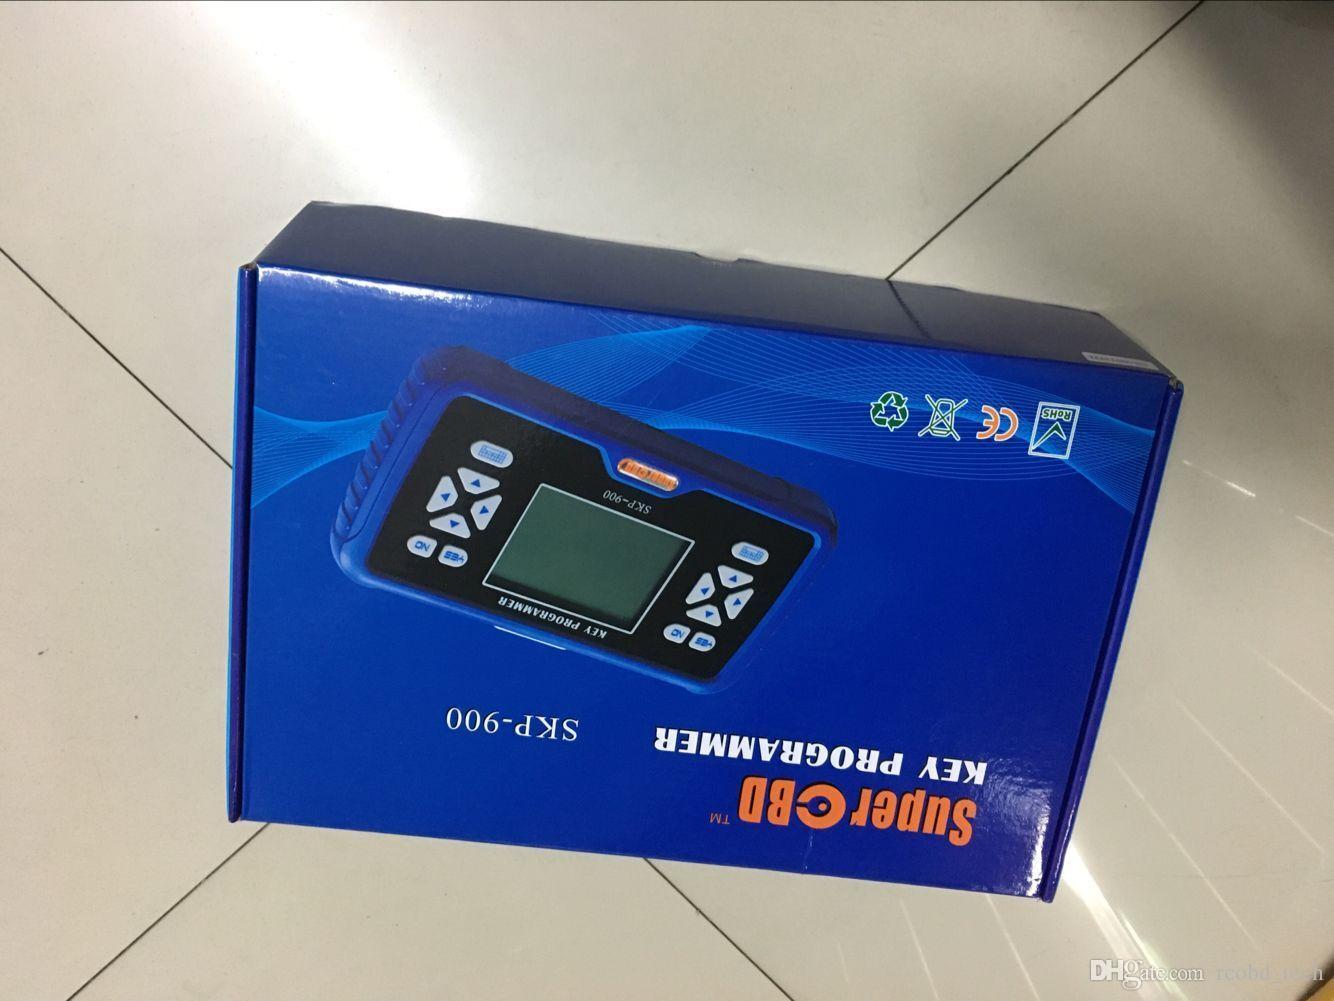 Súper OBD SKP-900 SKP 900 SKP900 OBD2 de mano más nuevo SKP 900 Auto Key Programmer OBDII llave del coche pro skp-900 Actualización en línea